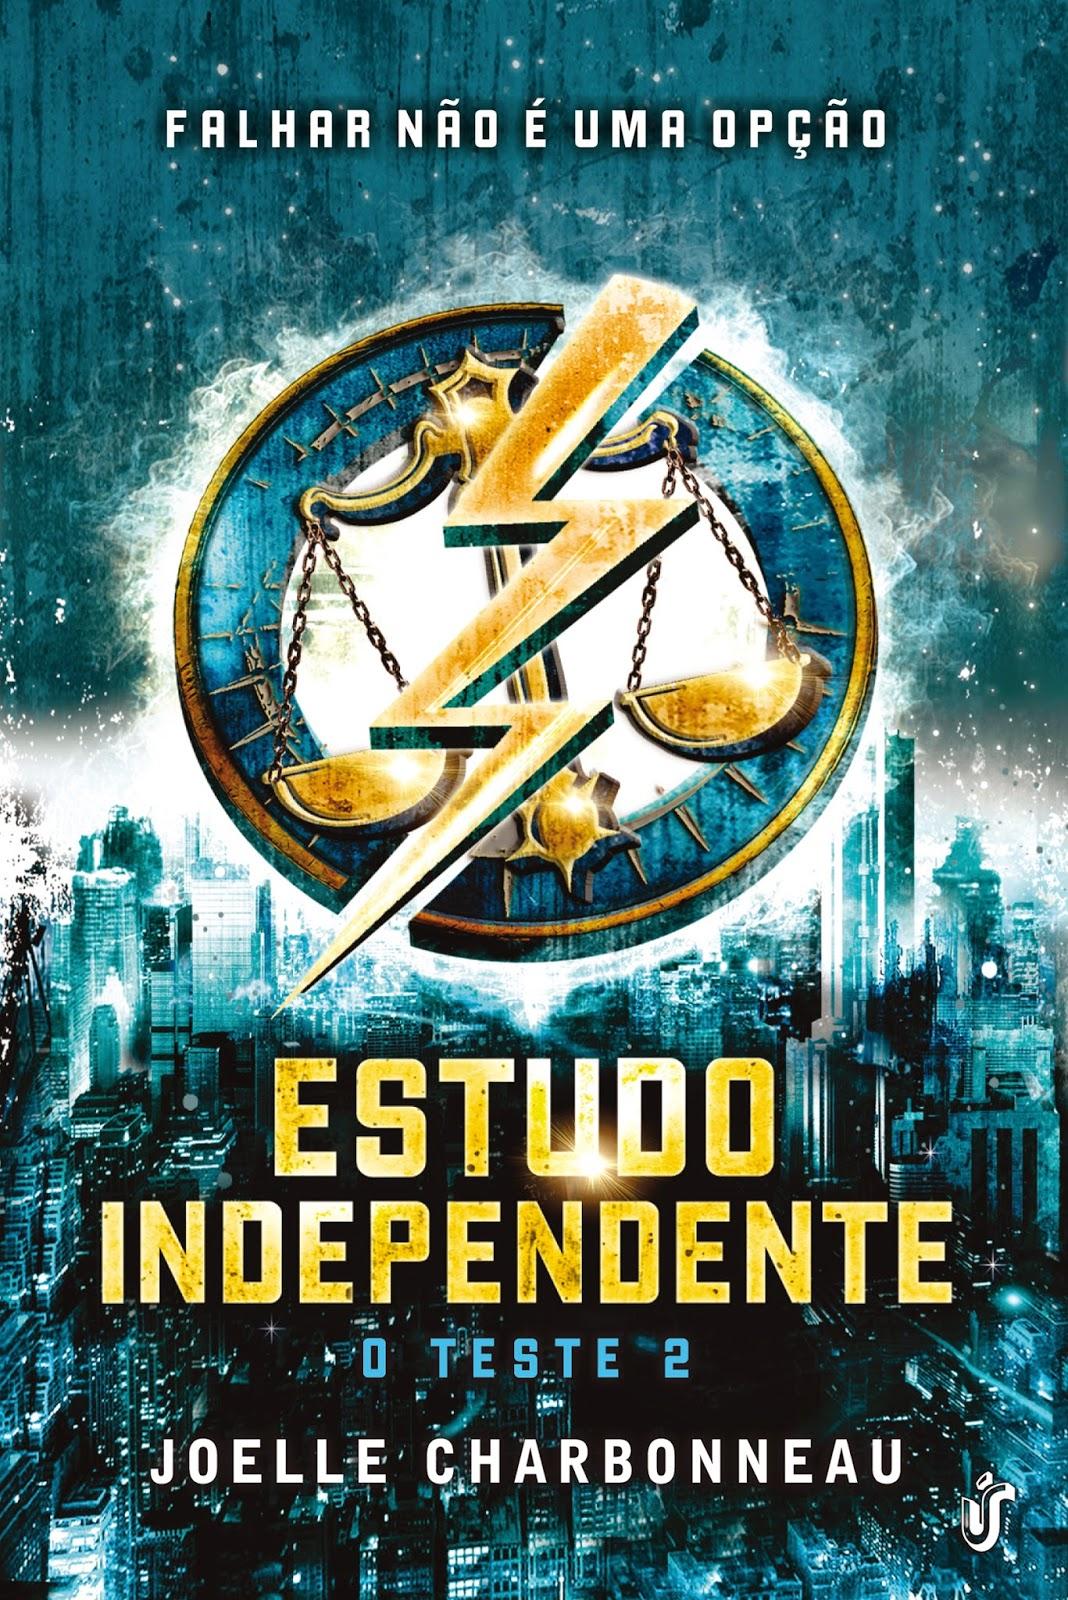 http://cantinhoparaleitura.blogspot.com.br/2015/03/resenha-do-livro-estudo-independente-o.html